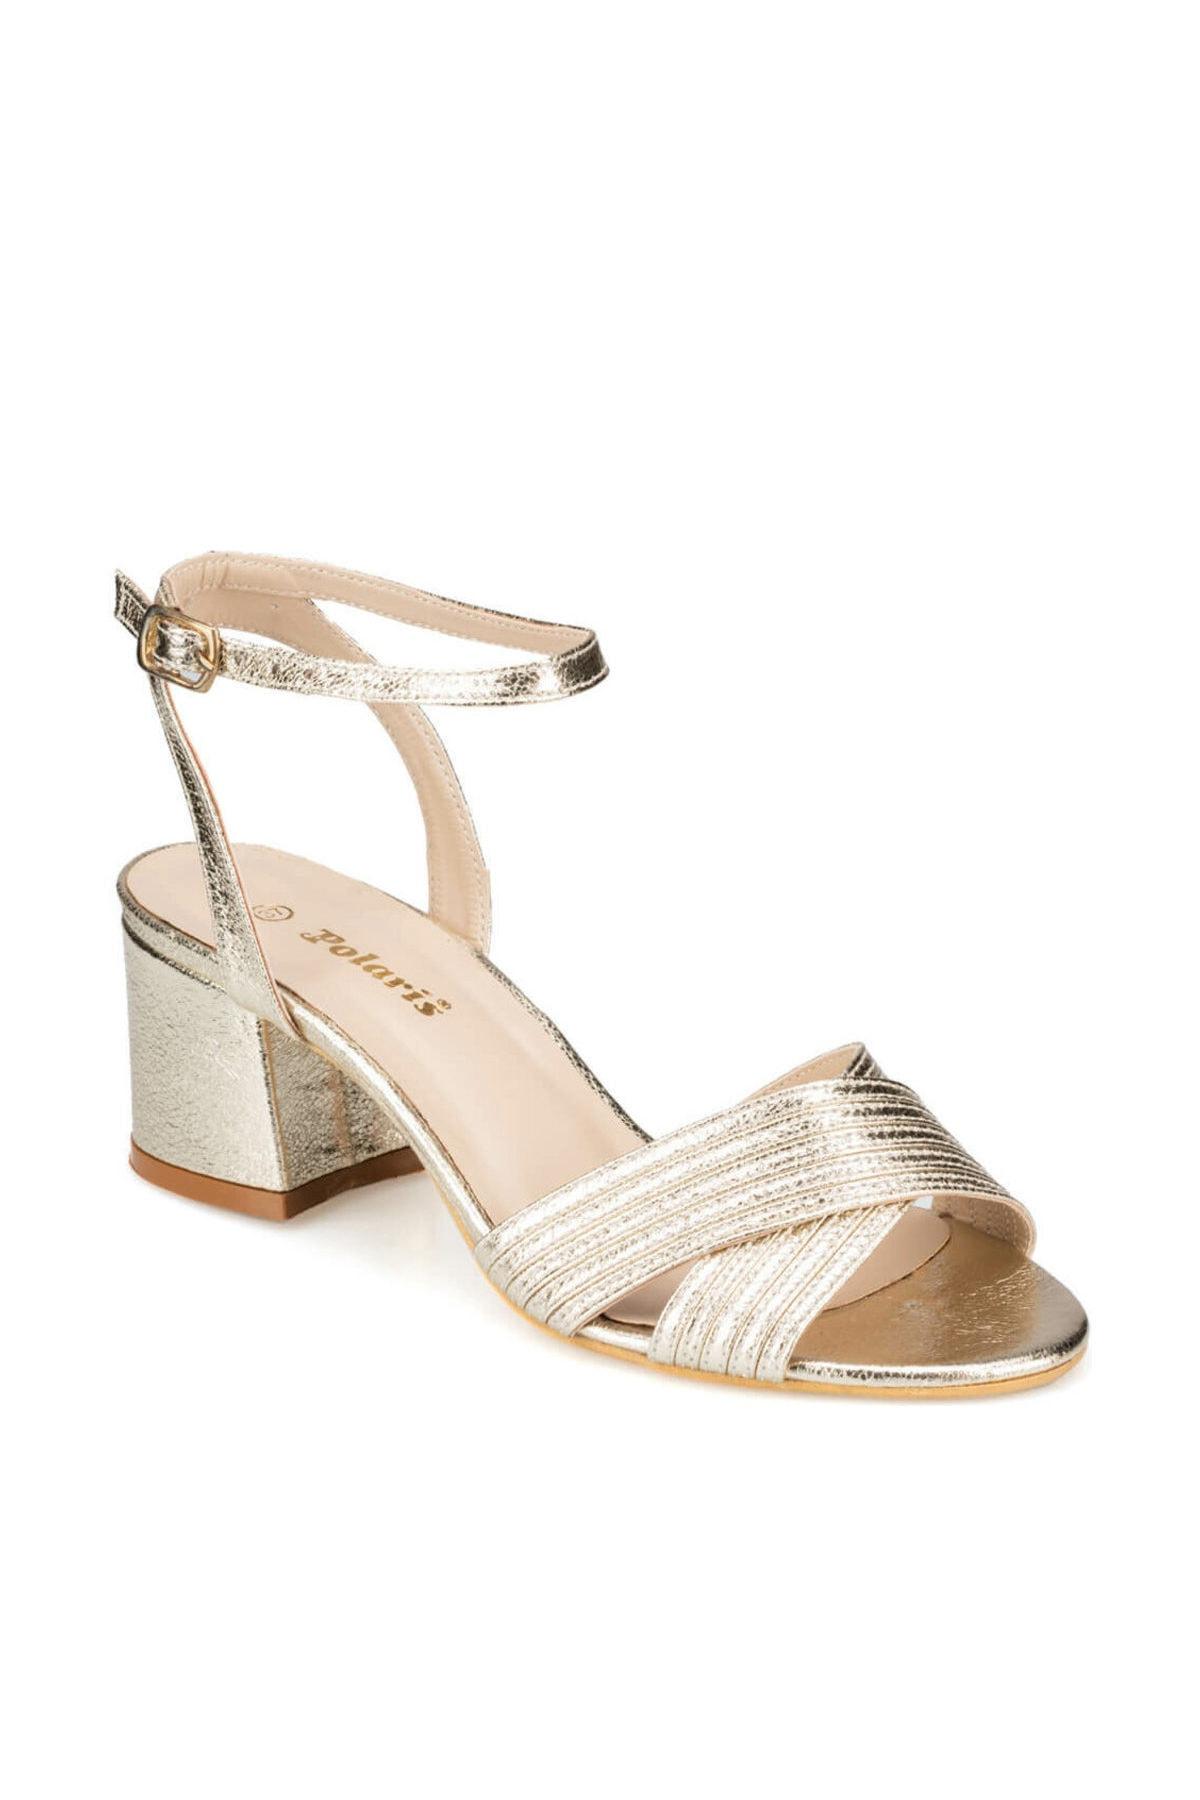 Polaris 91.313198.Z Altın Kadın Sandalet 100376315 1